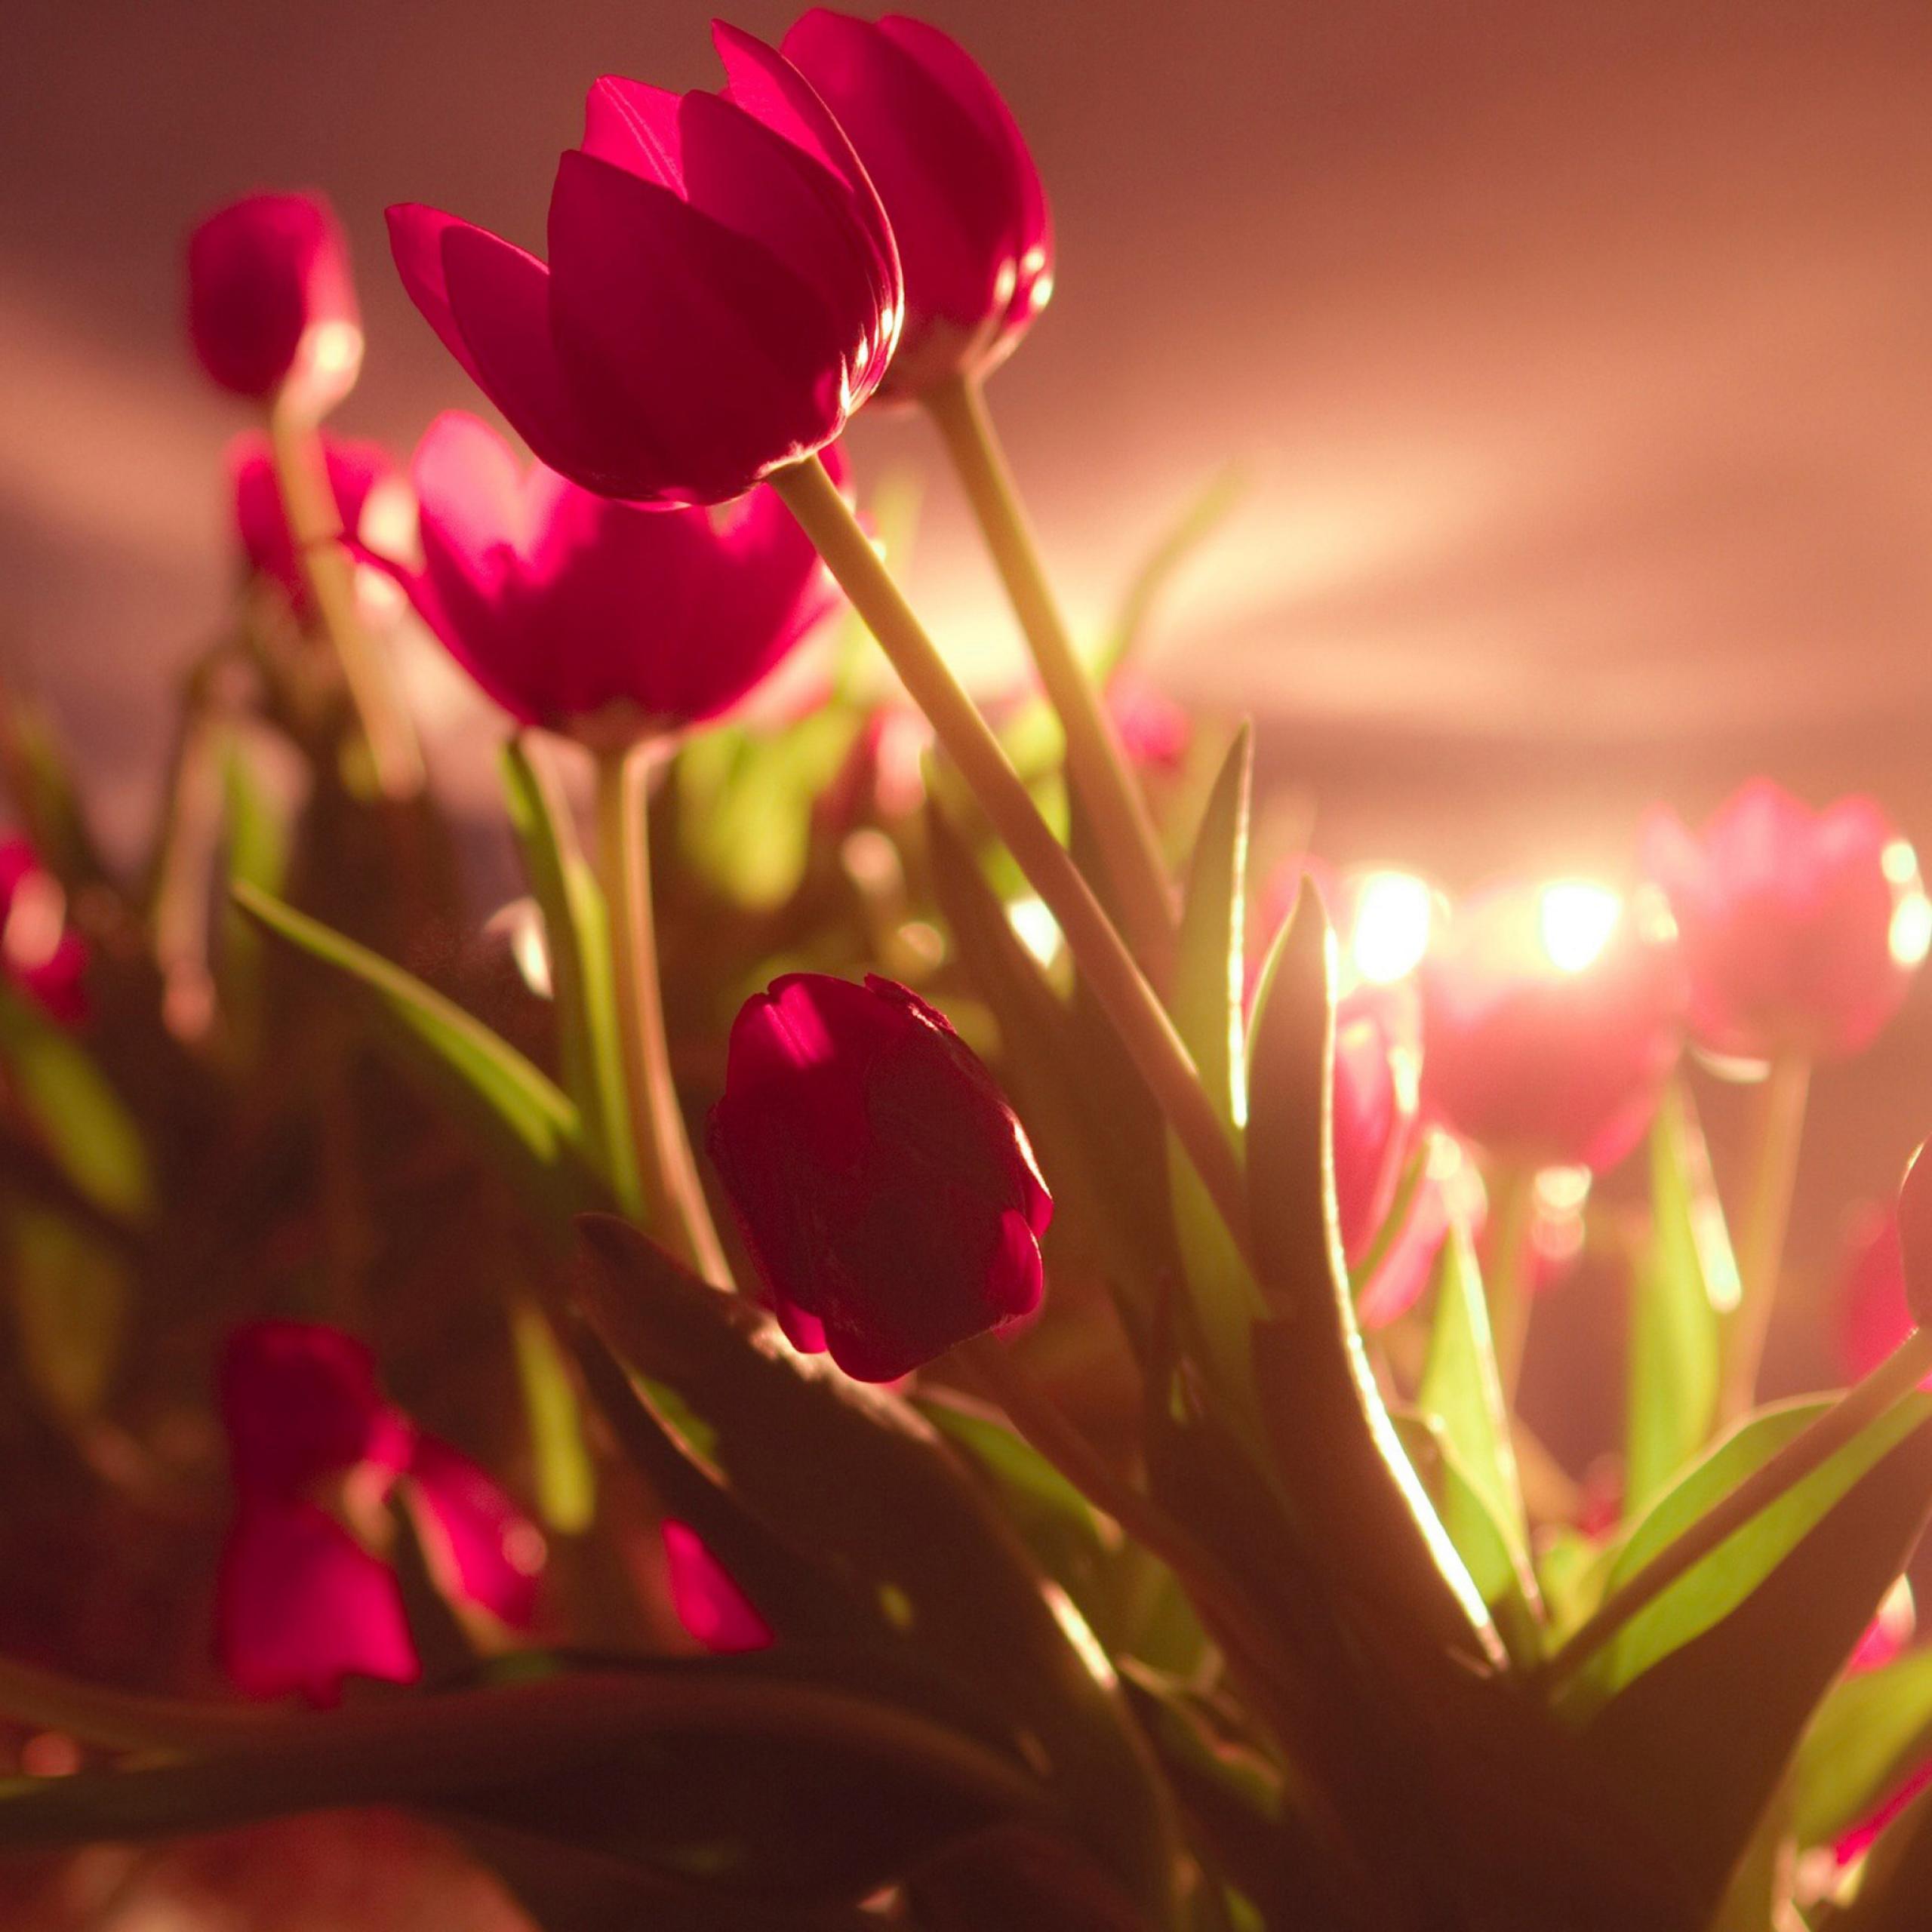 صور ورد أجمر حلو رومانسي خلفيات شاشة جميلة جدا صور خلفيات عالية